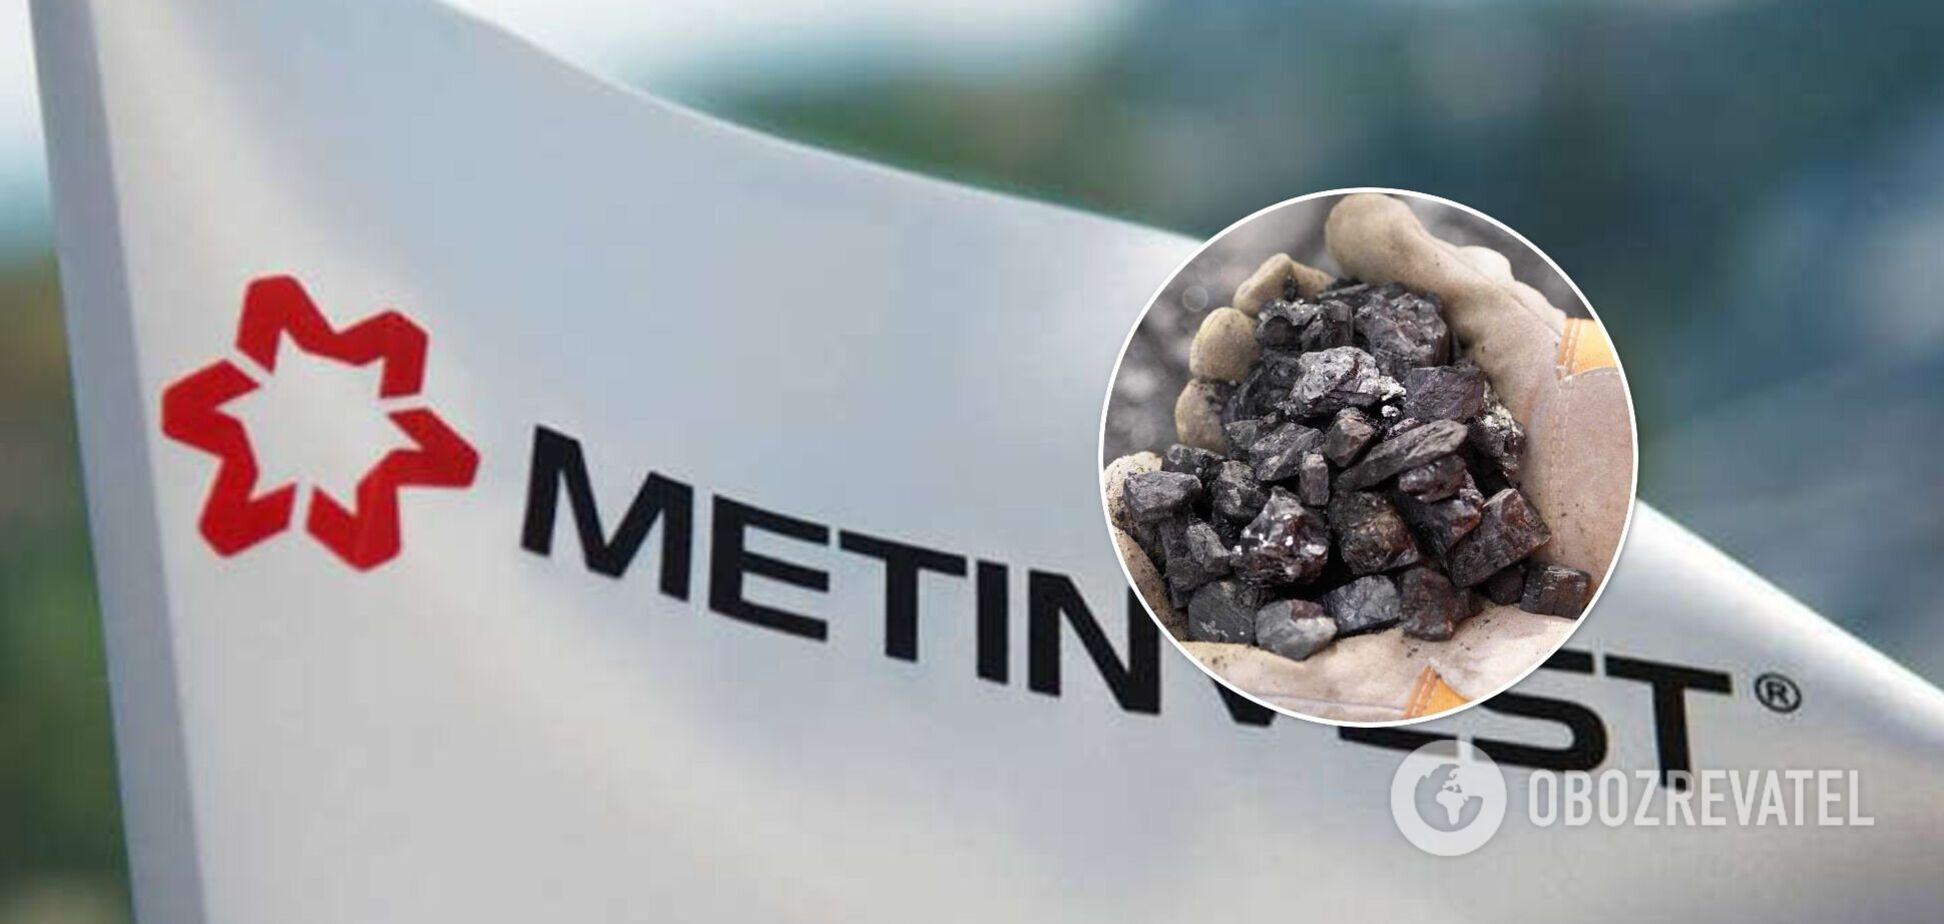 Міжнародне рейтингове агентство Moody's оцінило придбання 'Метінвестом' шахтоуправління 'Покровське'